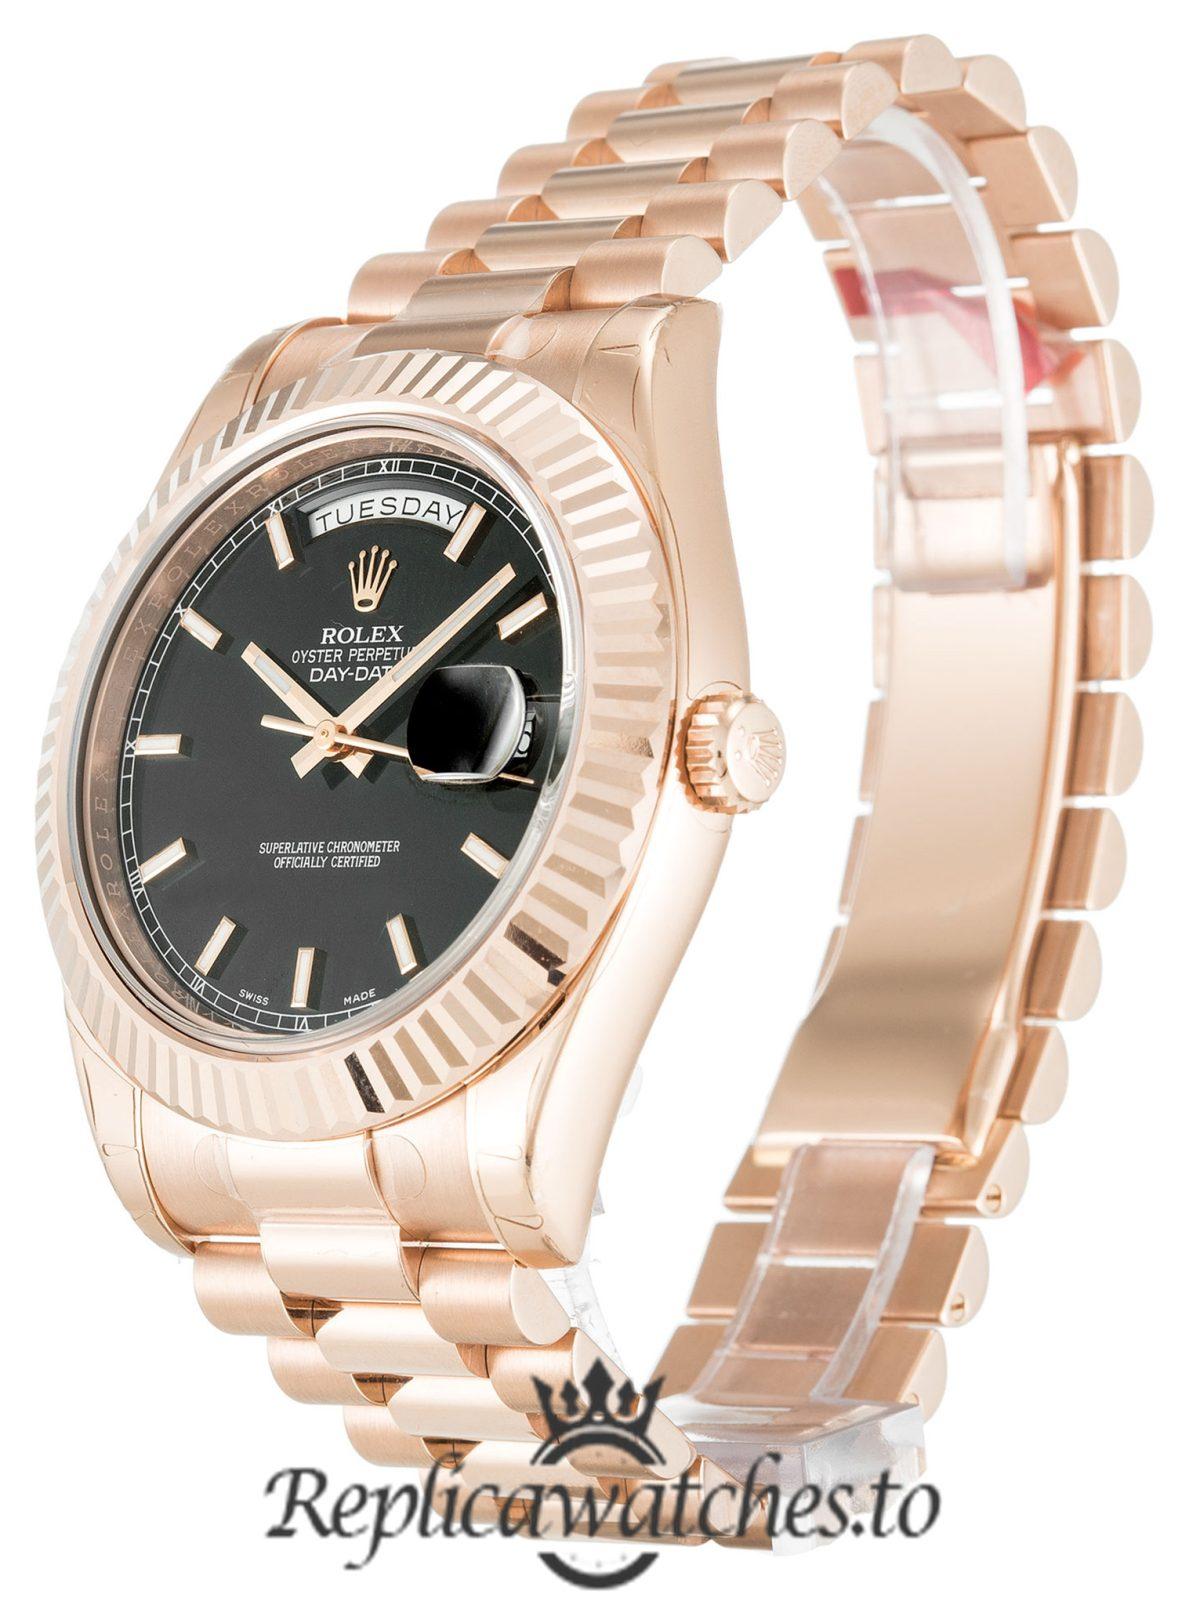 Rolex Day Date Replica 218235 001 Rose Gold Strap 41MM